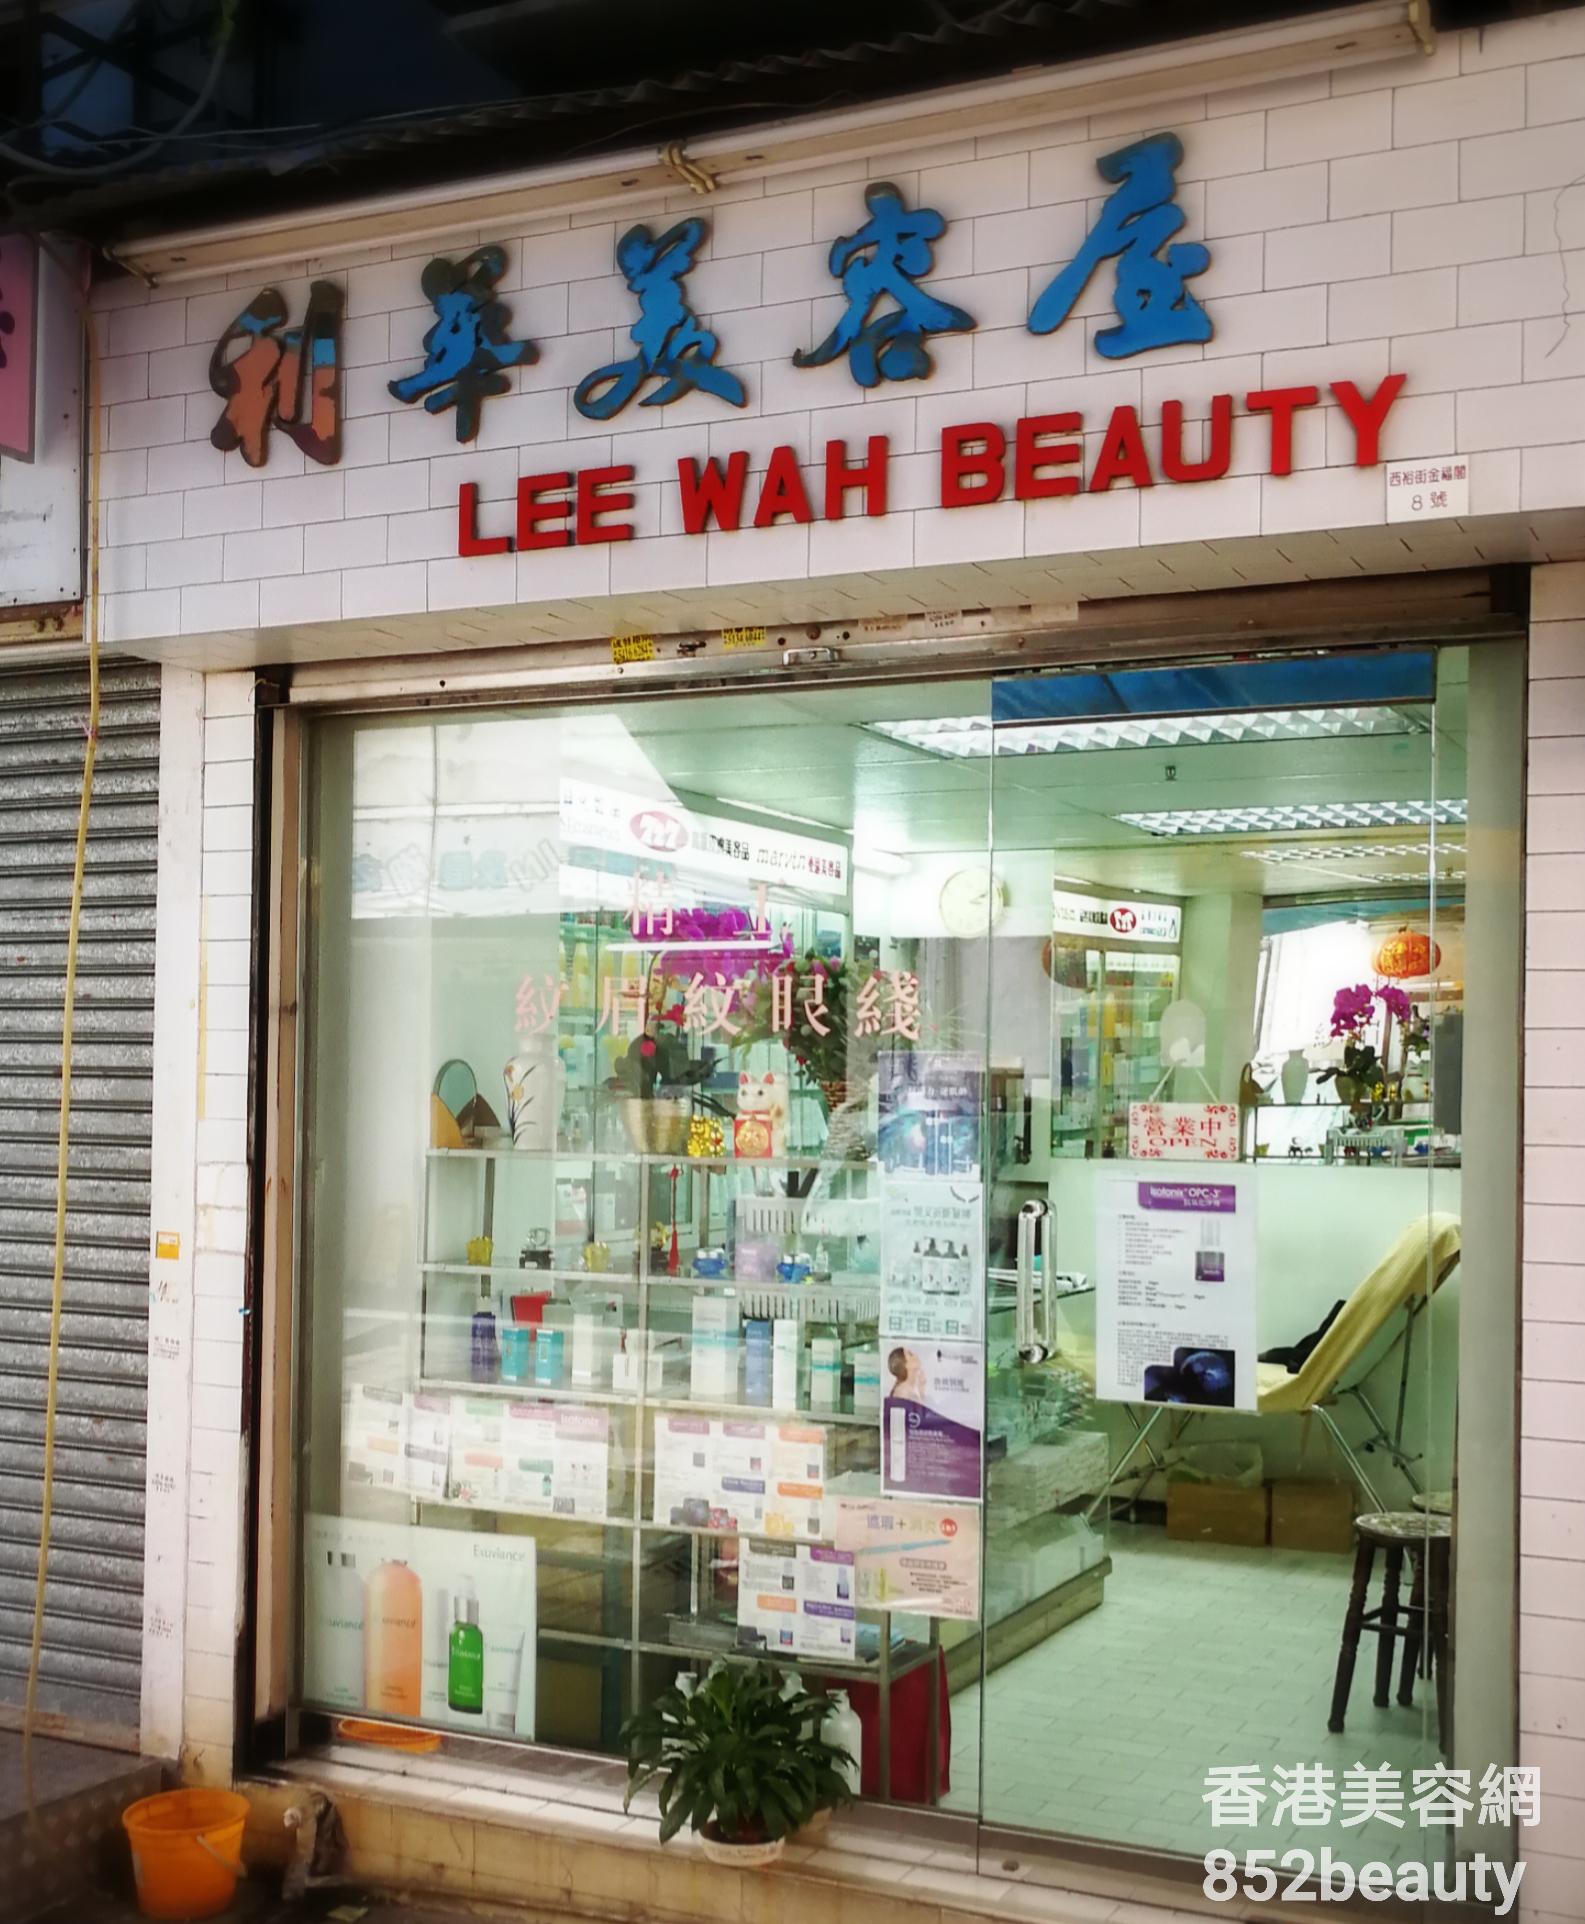 香港美容院 美容師 : 利華美容屋 @青年創業軍